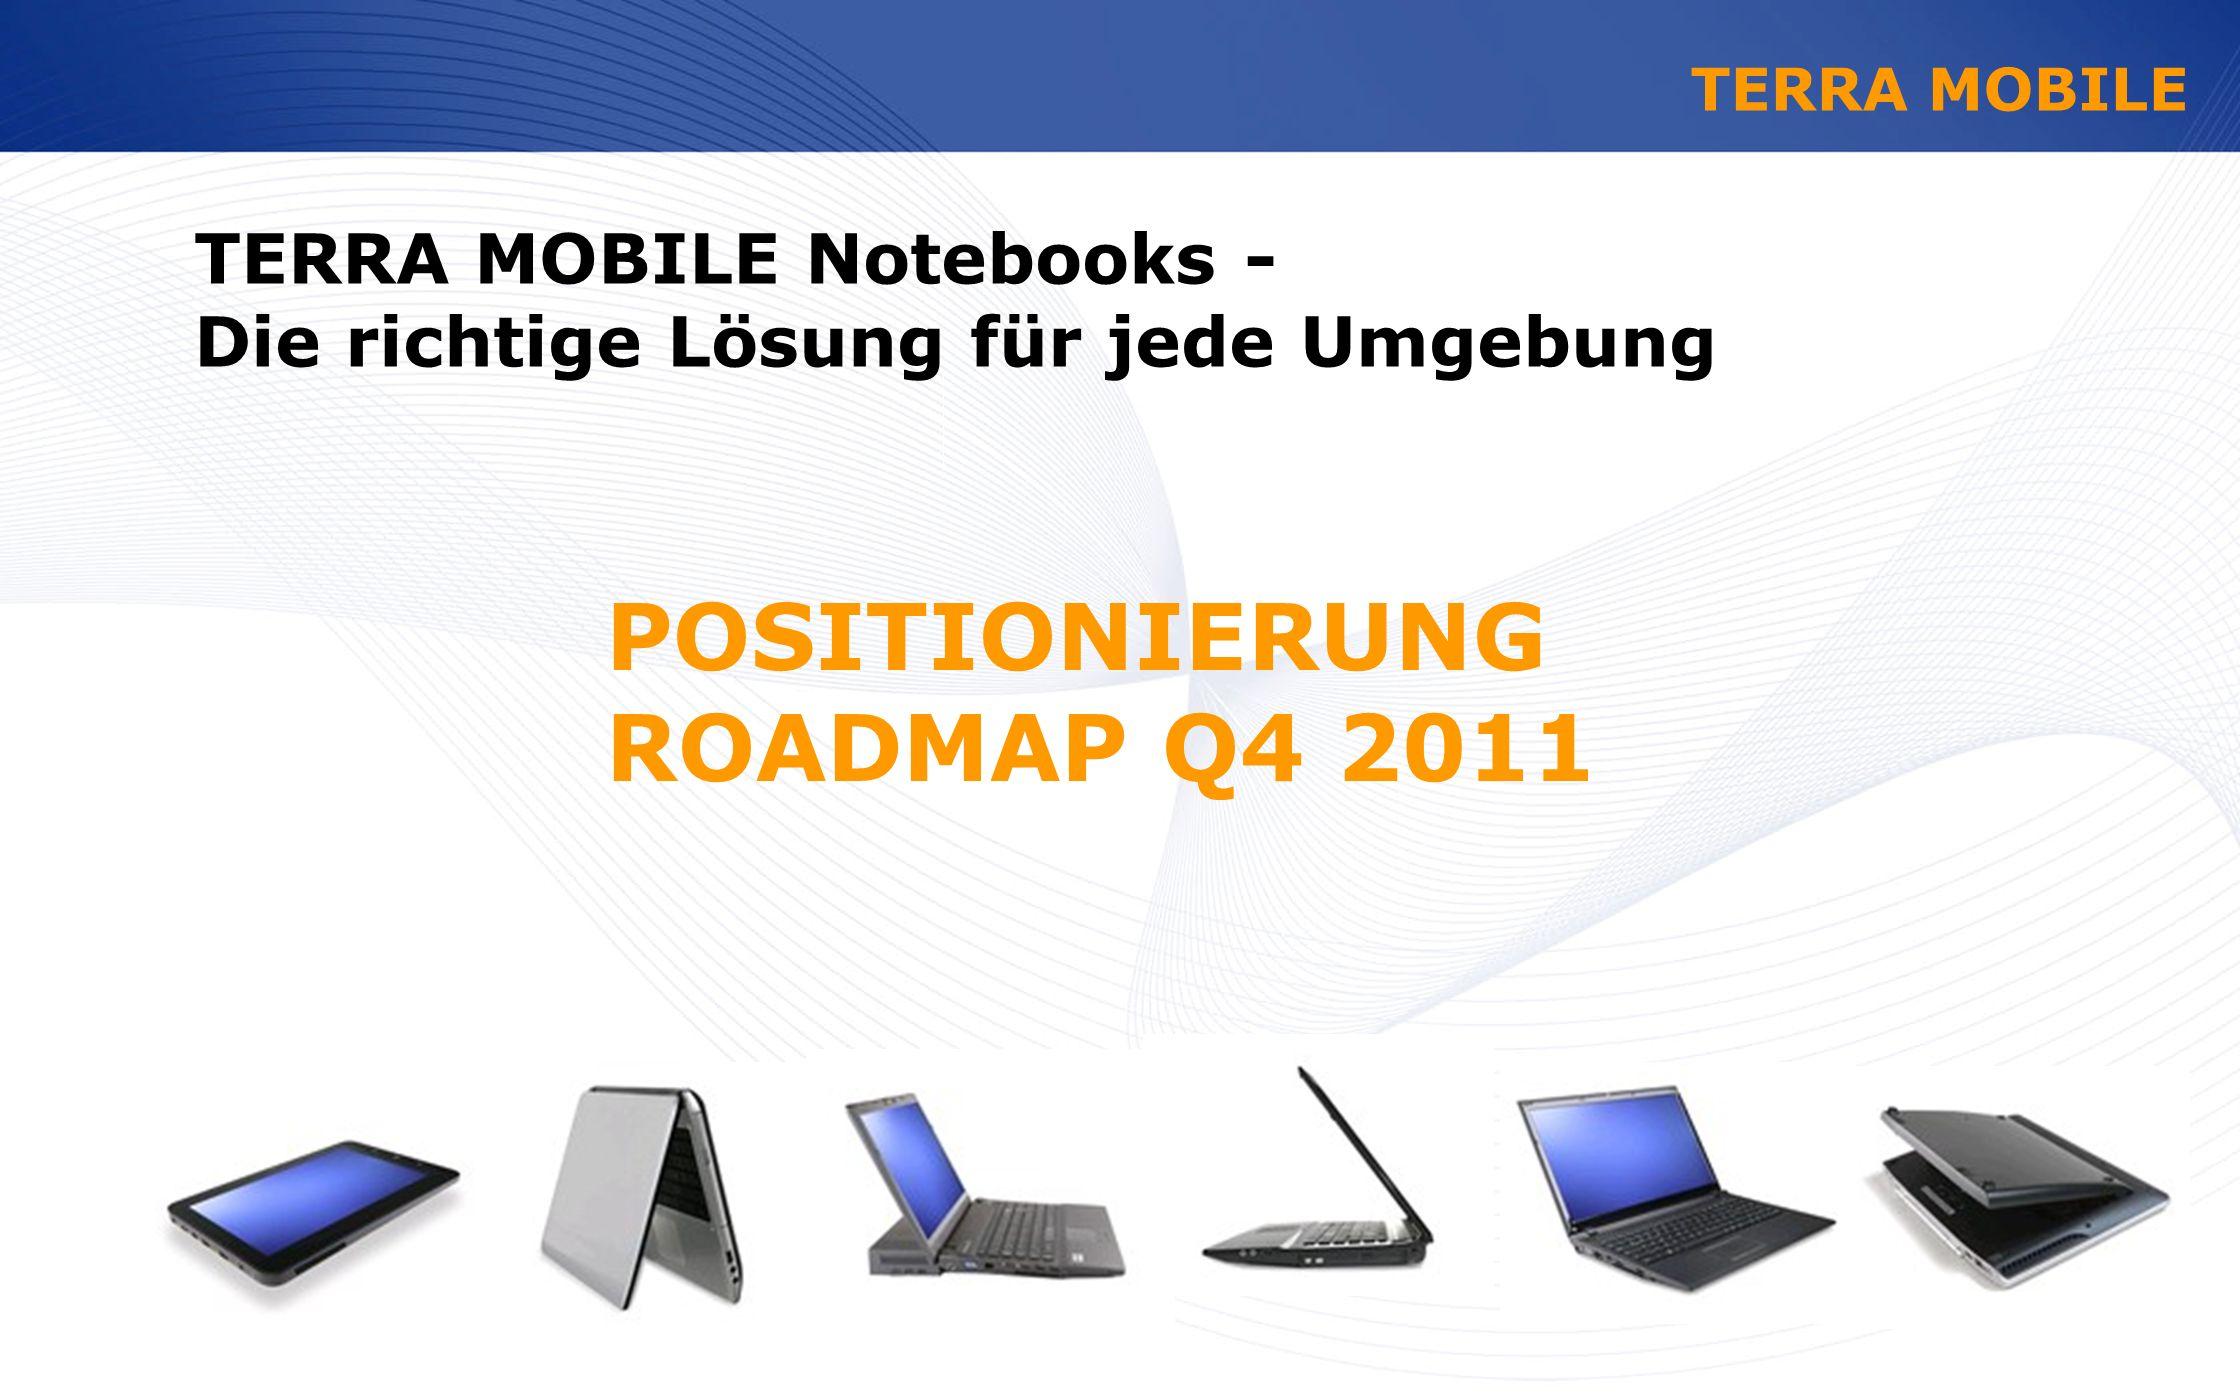 www.wortmann.de POSITIONIERUNG ROADMAP Q4 2011 TERRA MOBILE Notebooks - Die richtige Lösung für jede Umgebung TERRA MOBILE